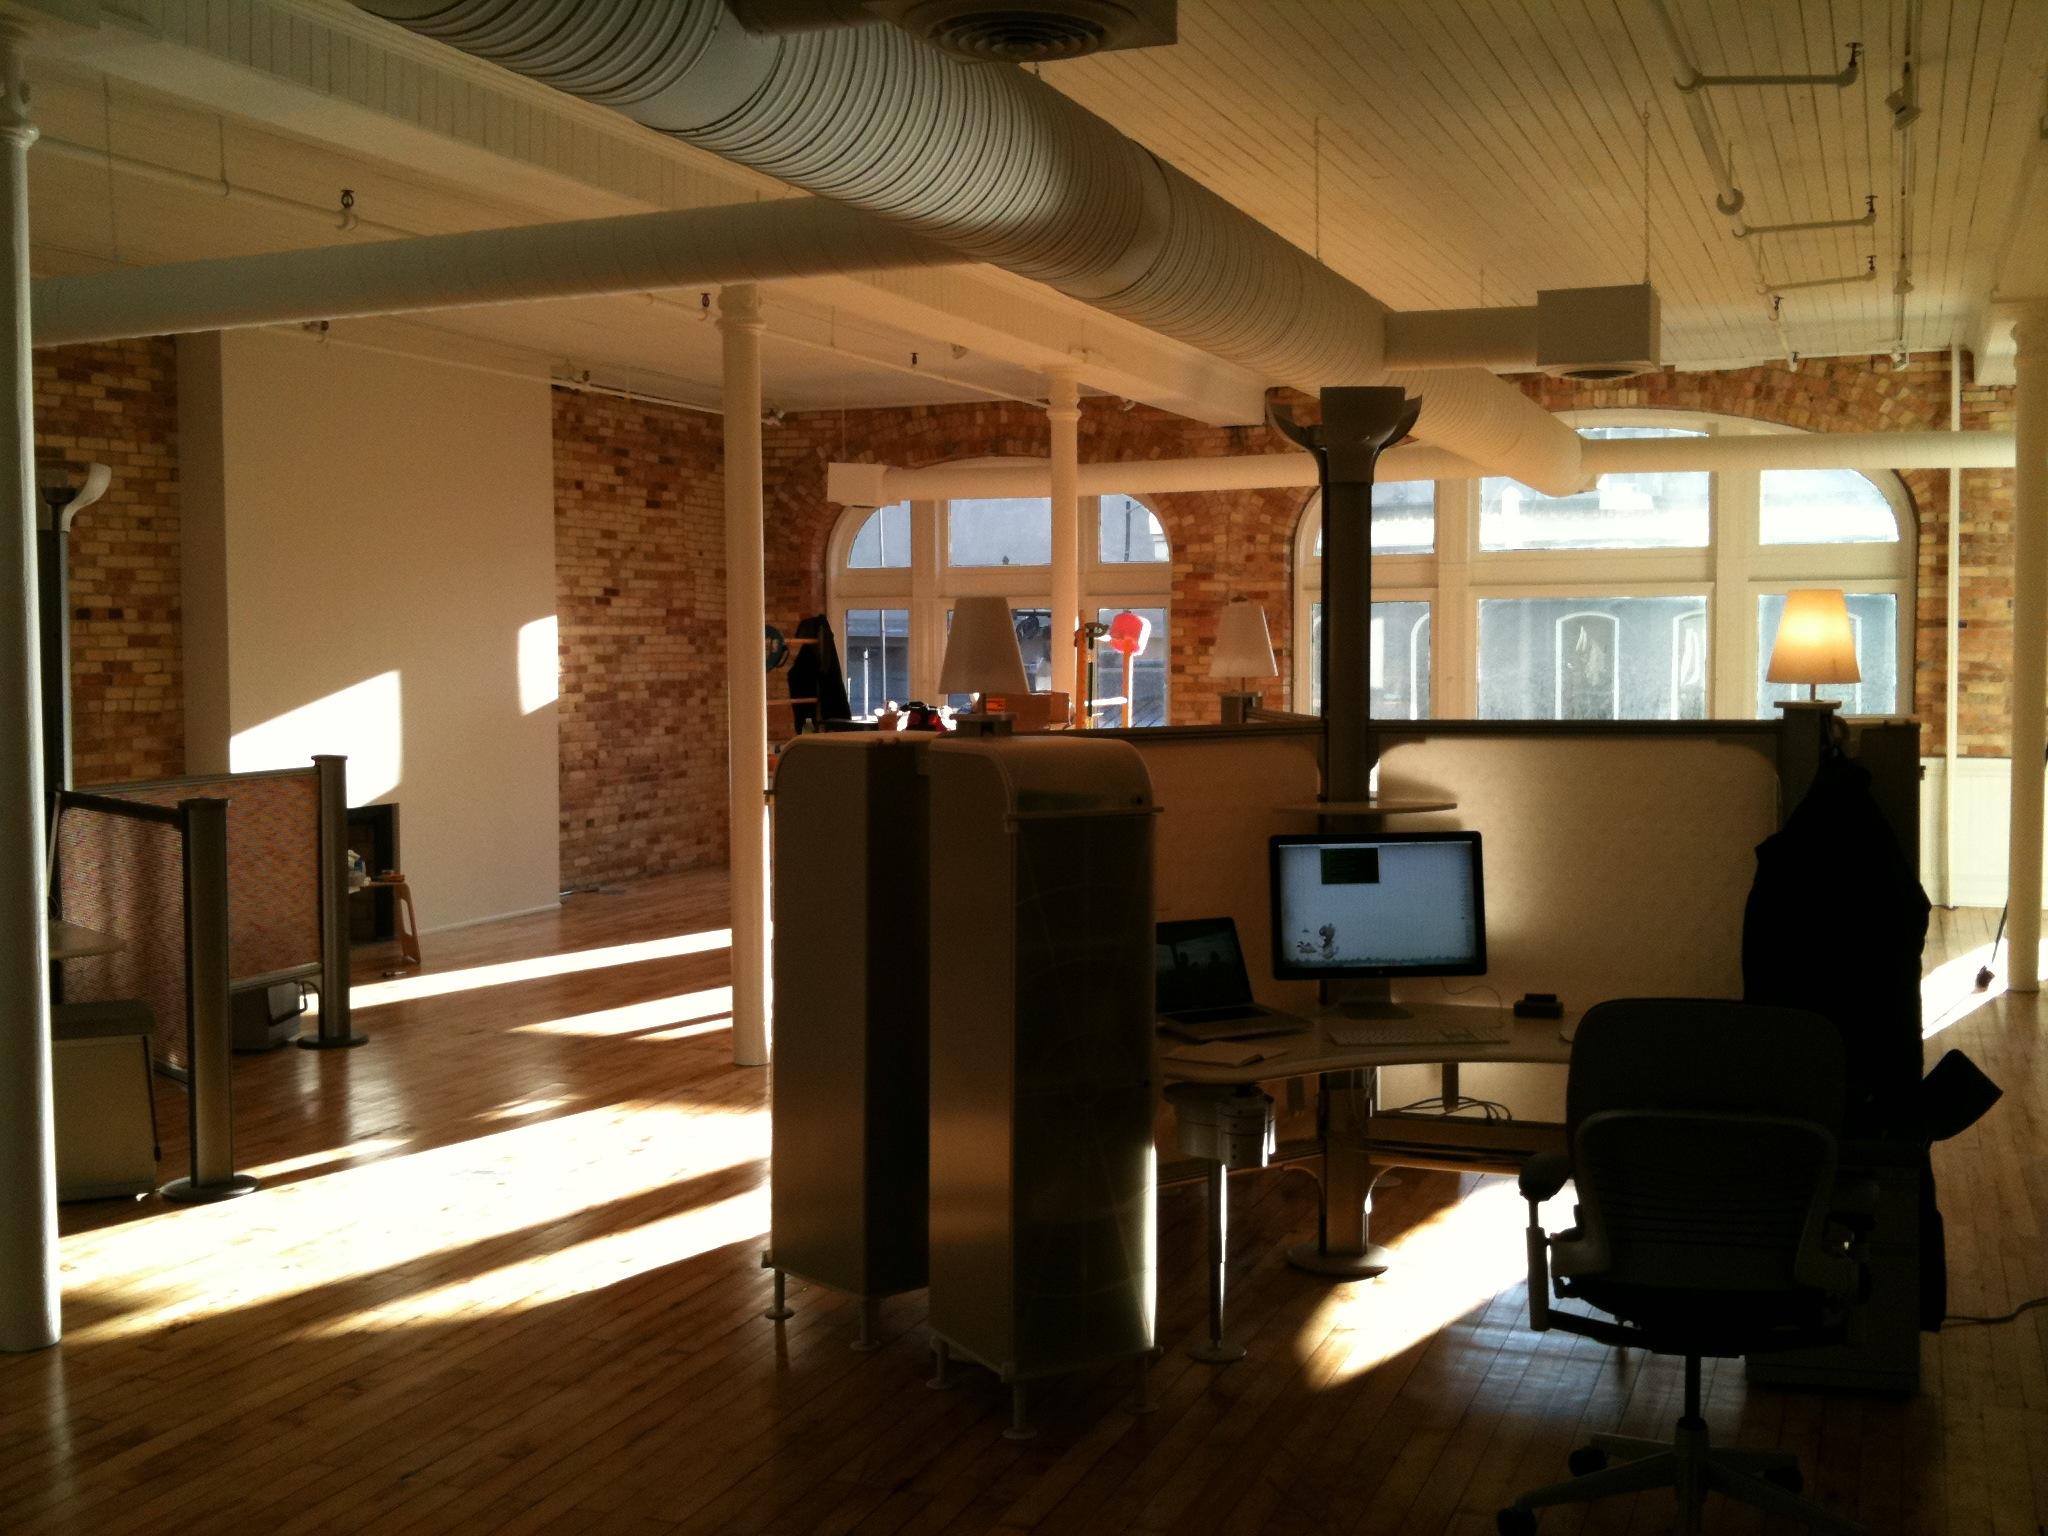 New office space at conduit studios aaron vanderzwan for Brick wallpaper office